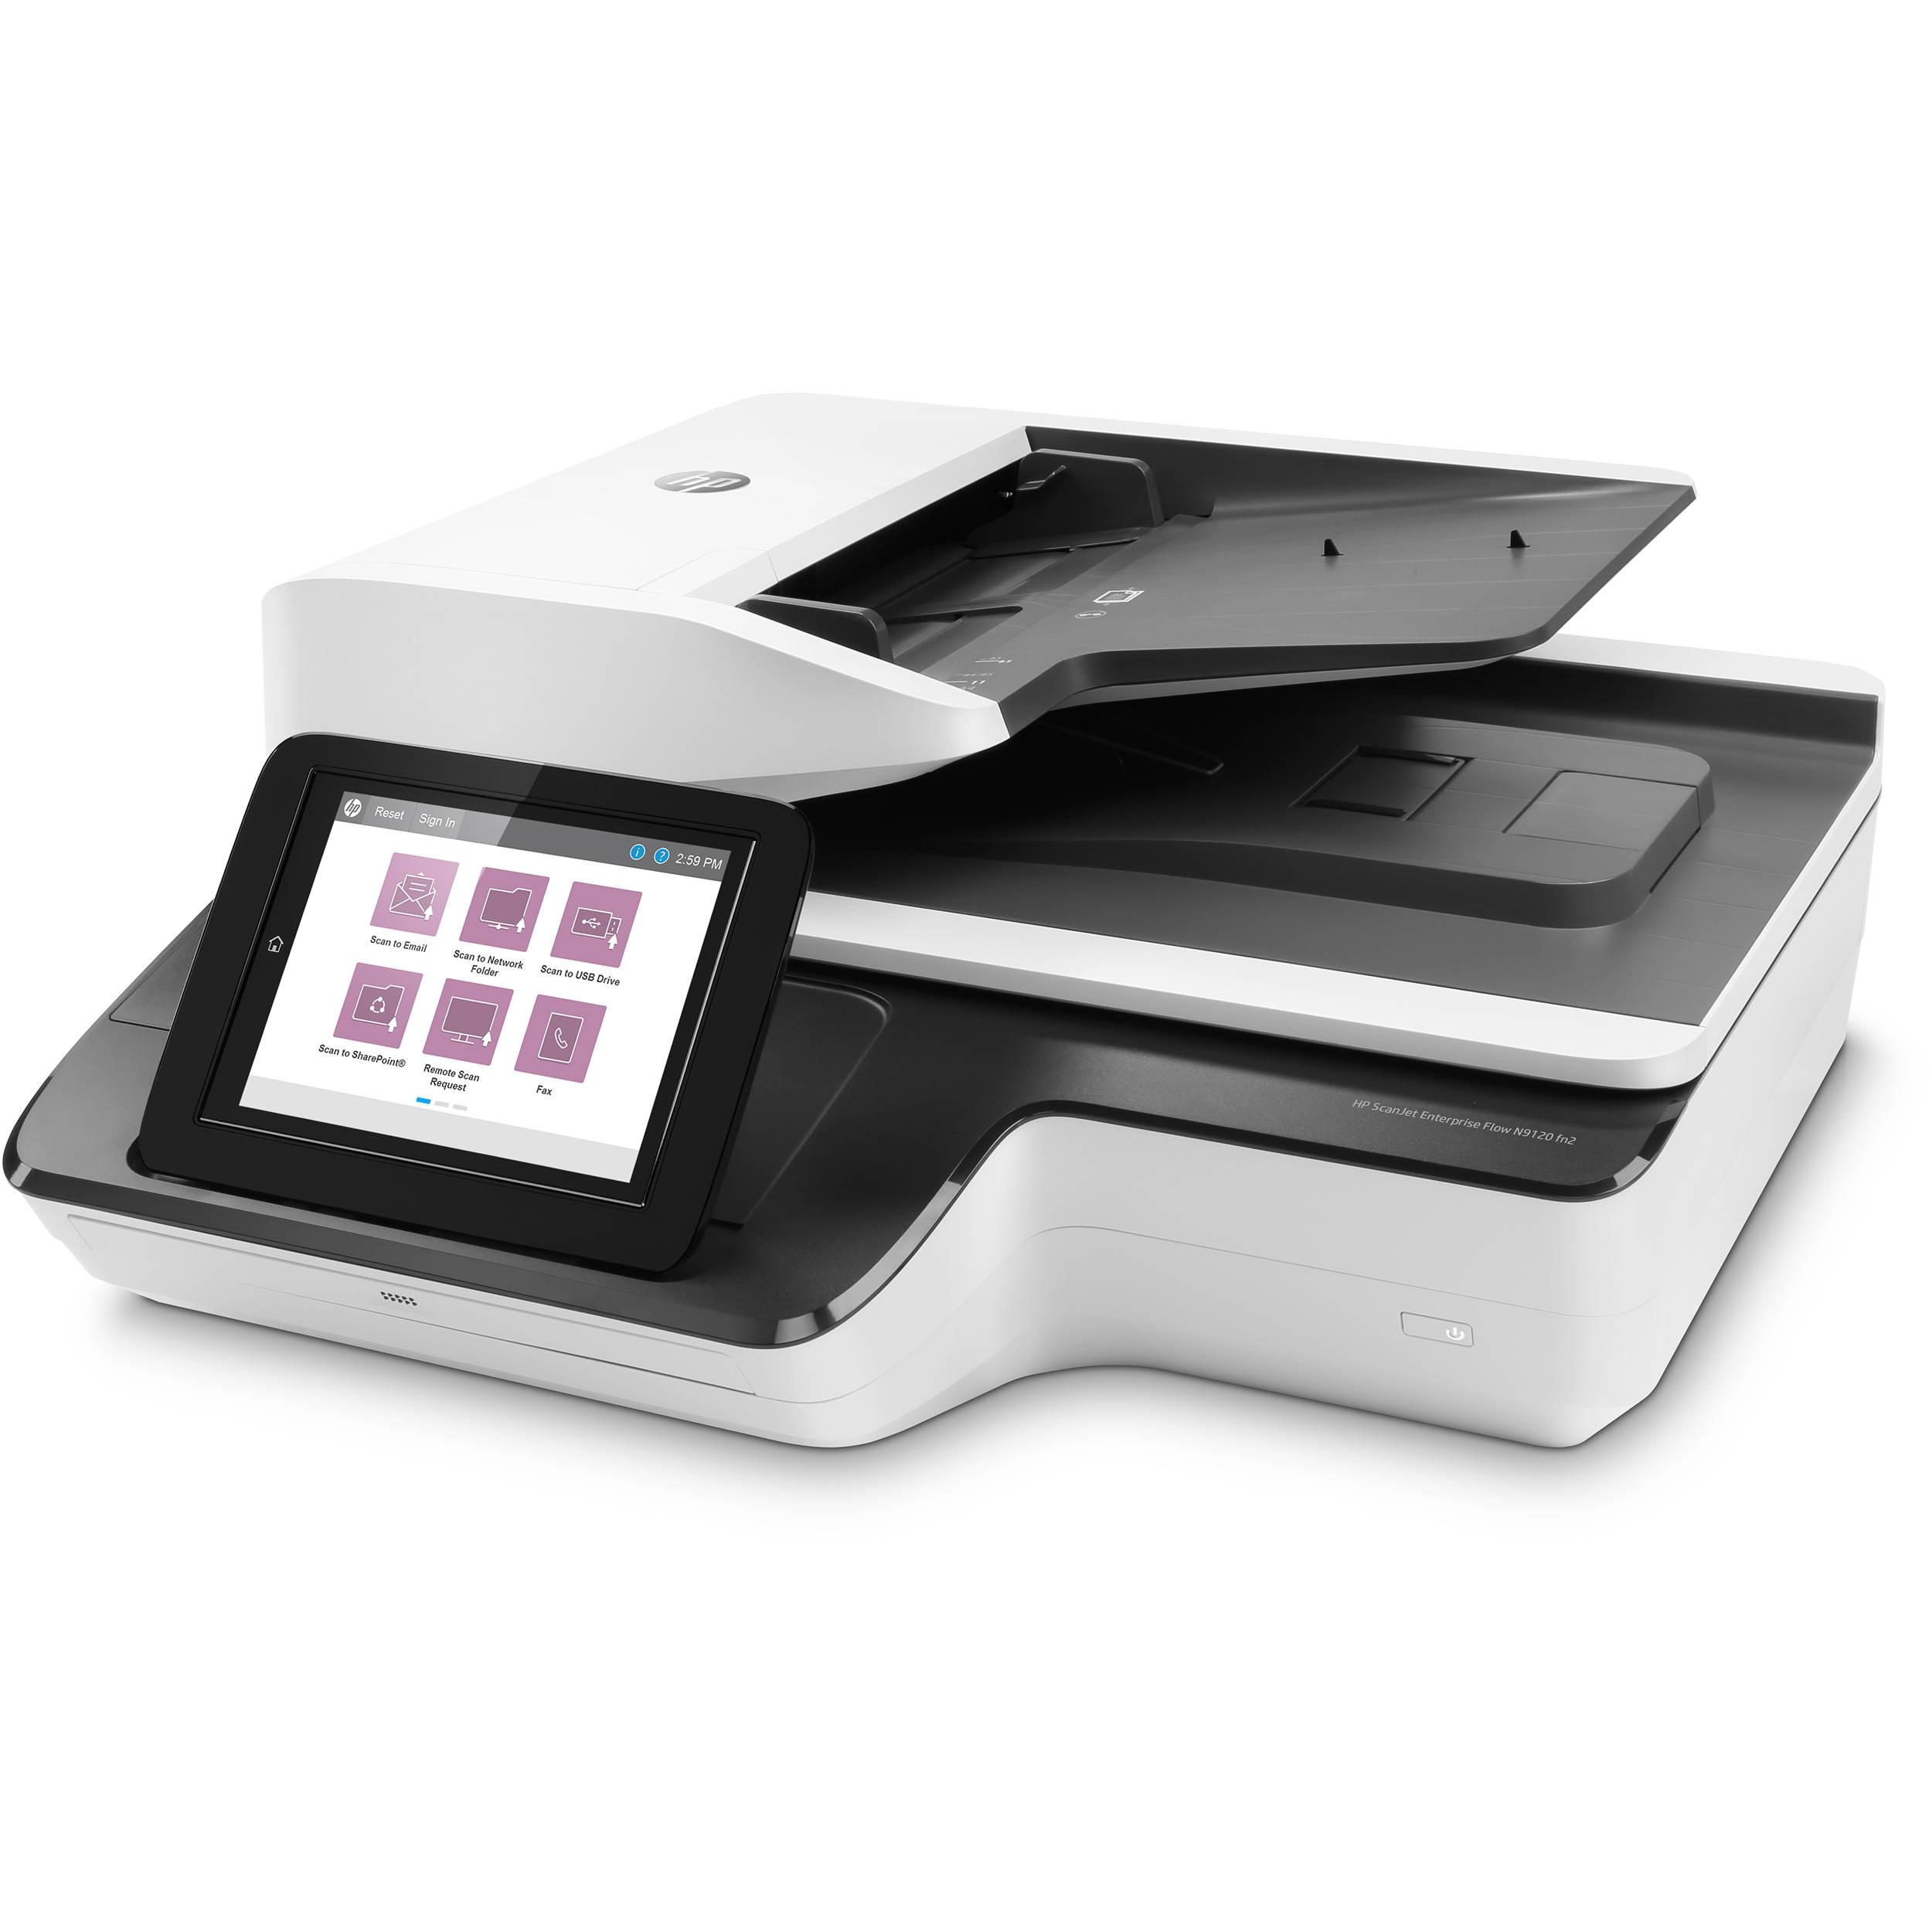 HP Scanjet Enterprise Flow N9120 fn2 Flatbed Scanner